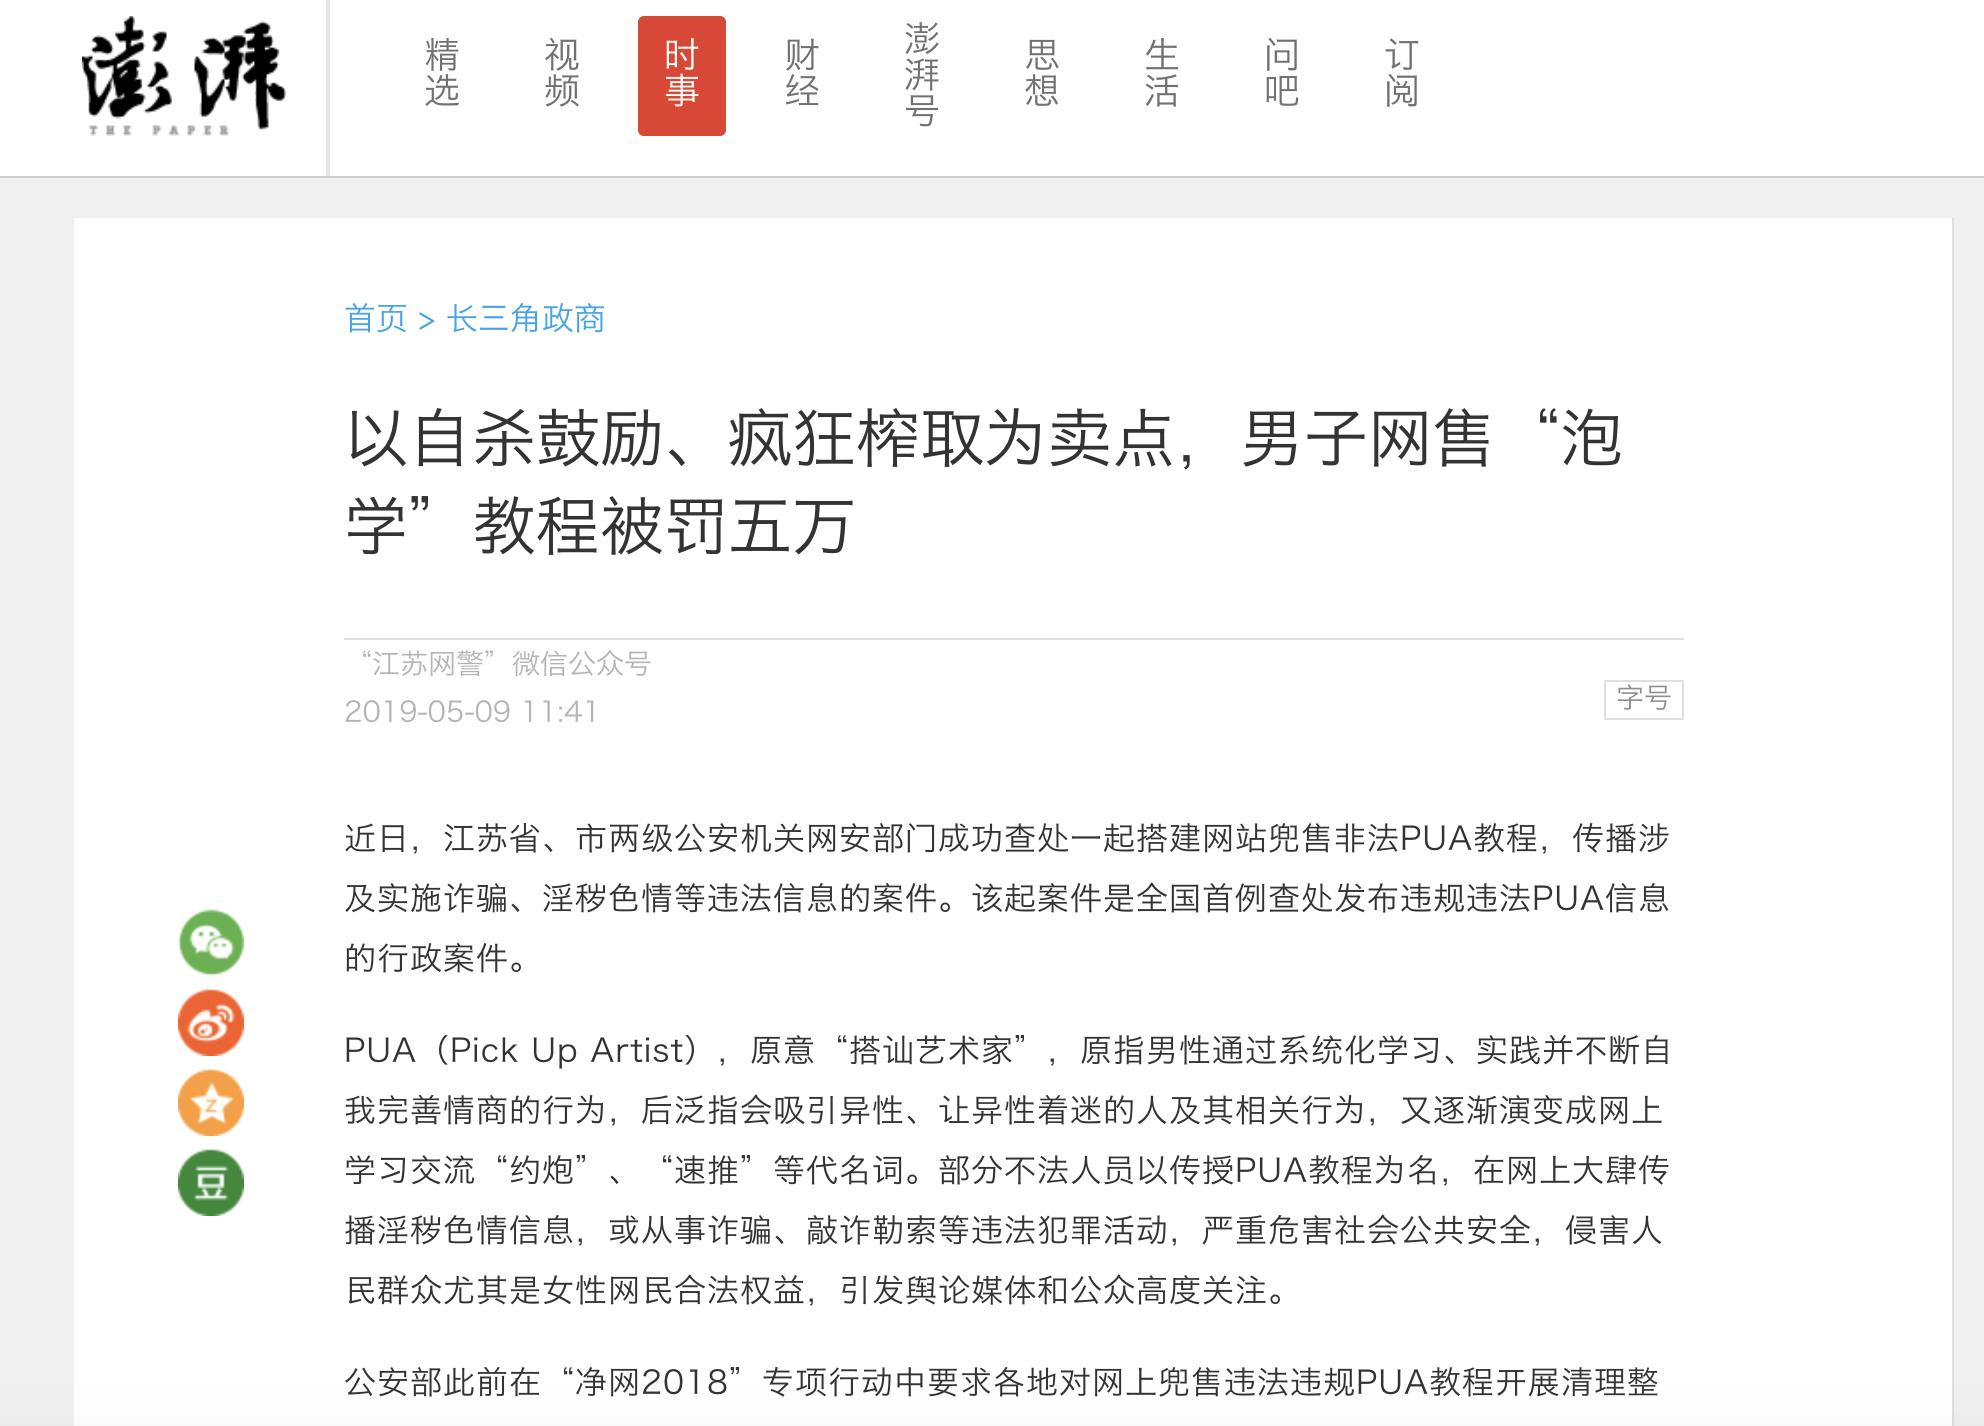 2019年5月,江苏成功查处一起搭建网站兜售非法PUA教程,传播涉及实施诈骗、淫秽色情等违法信息的案件。该起案件是全国首例查处发布违规违法PUA信息的行政案件。